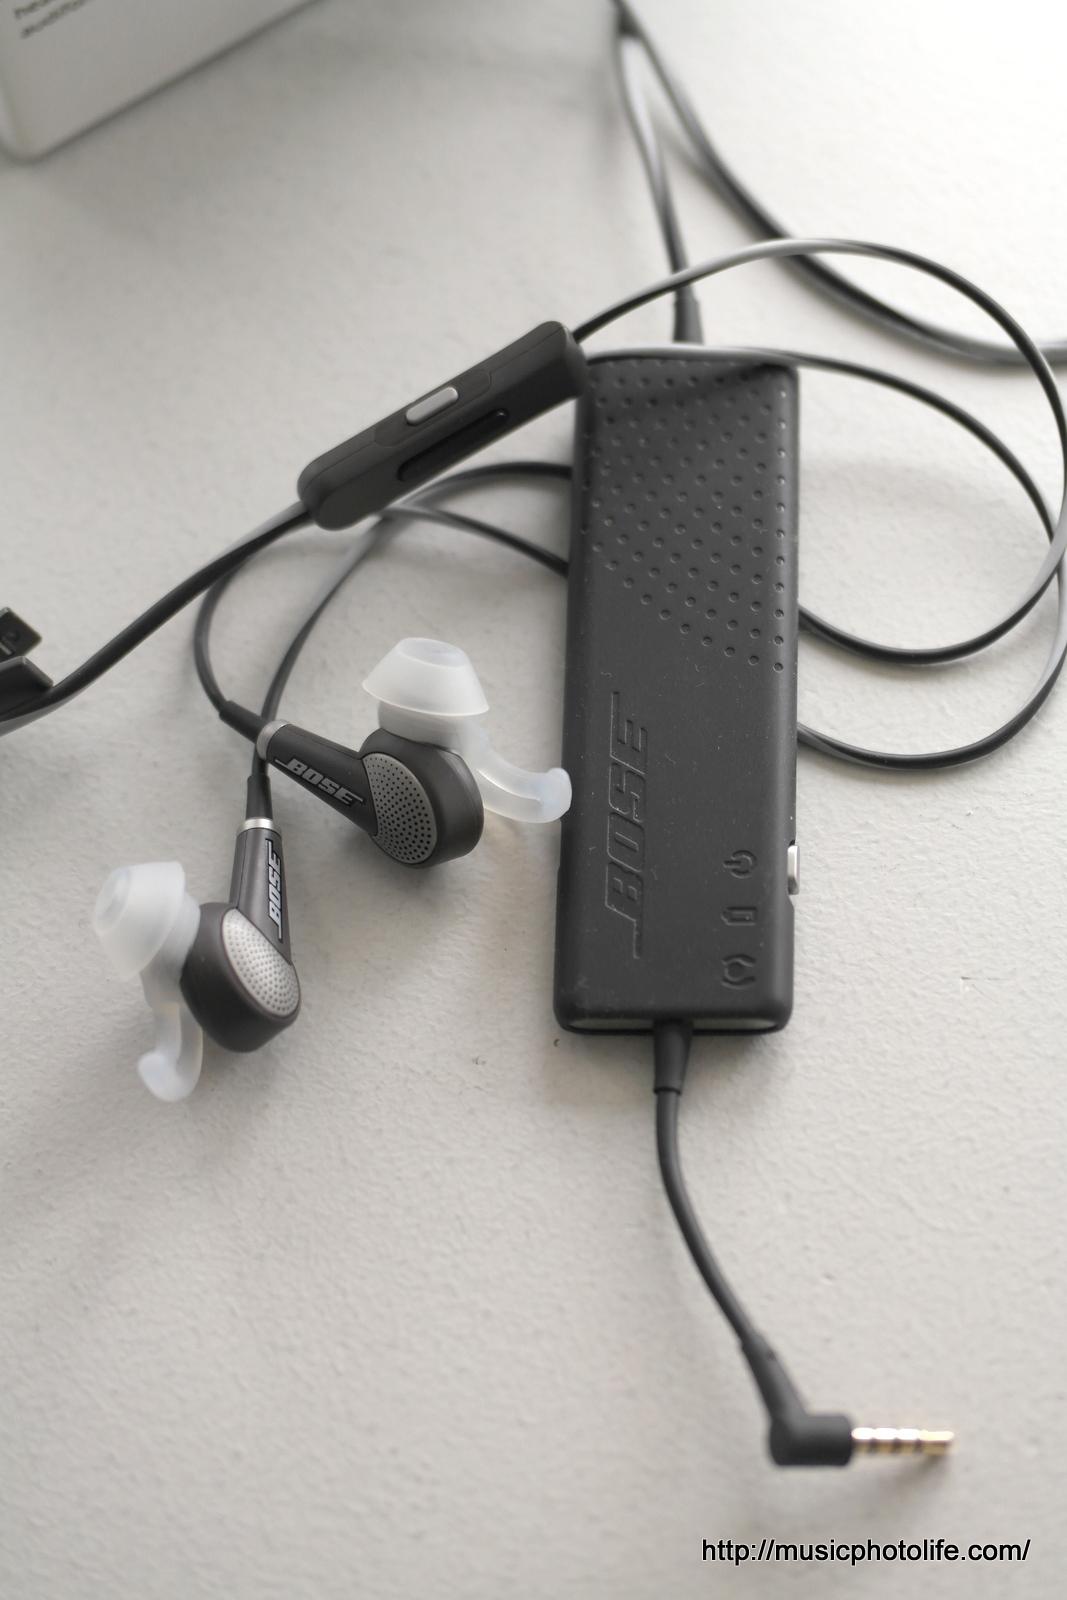 Mini Car Vacuum >> Bose QC20 Noise-Cancelling Earphones: Review